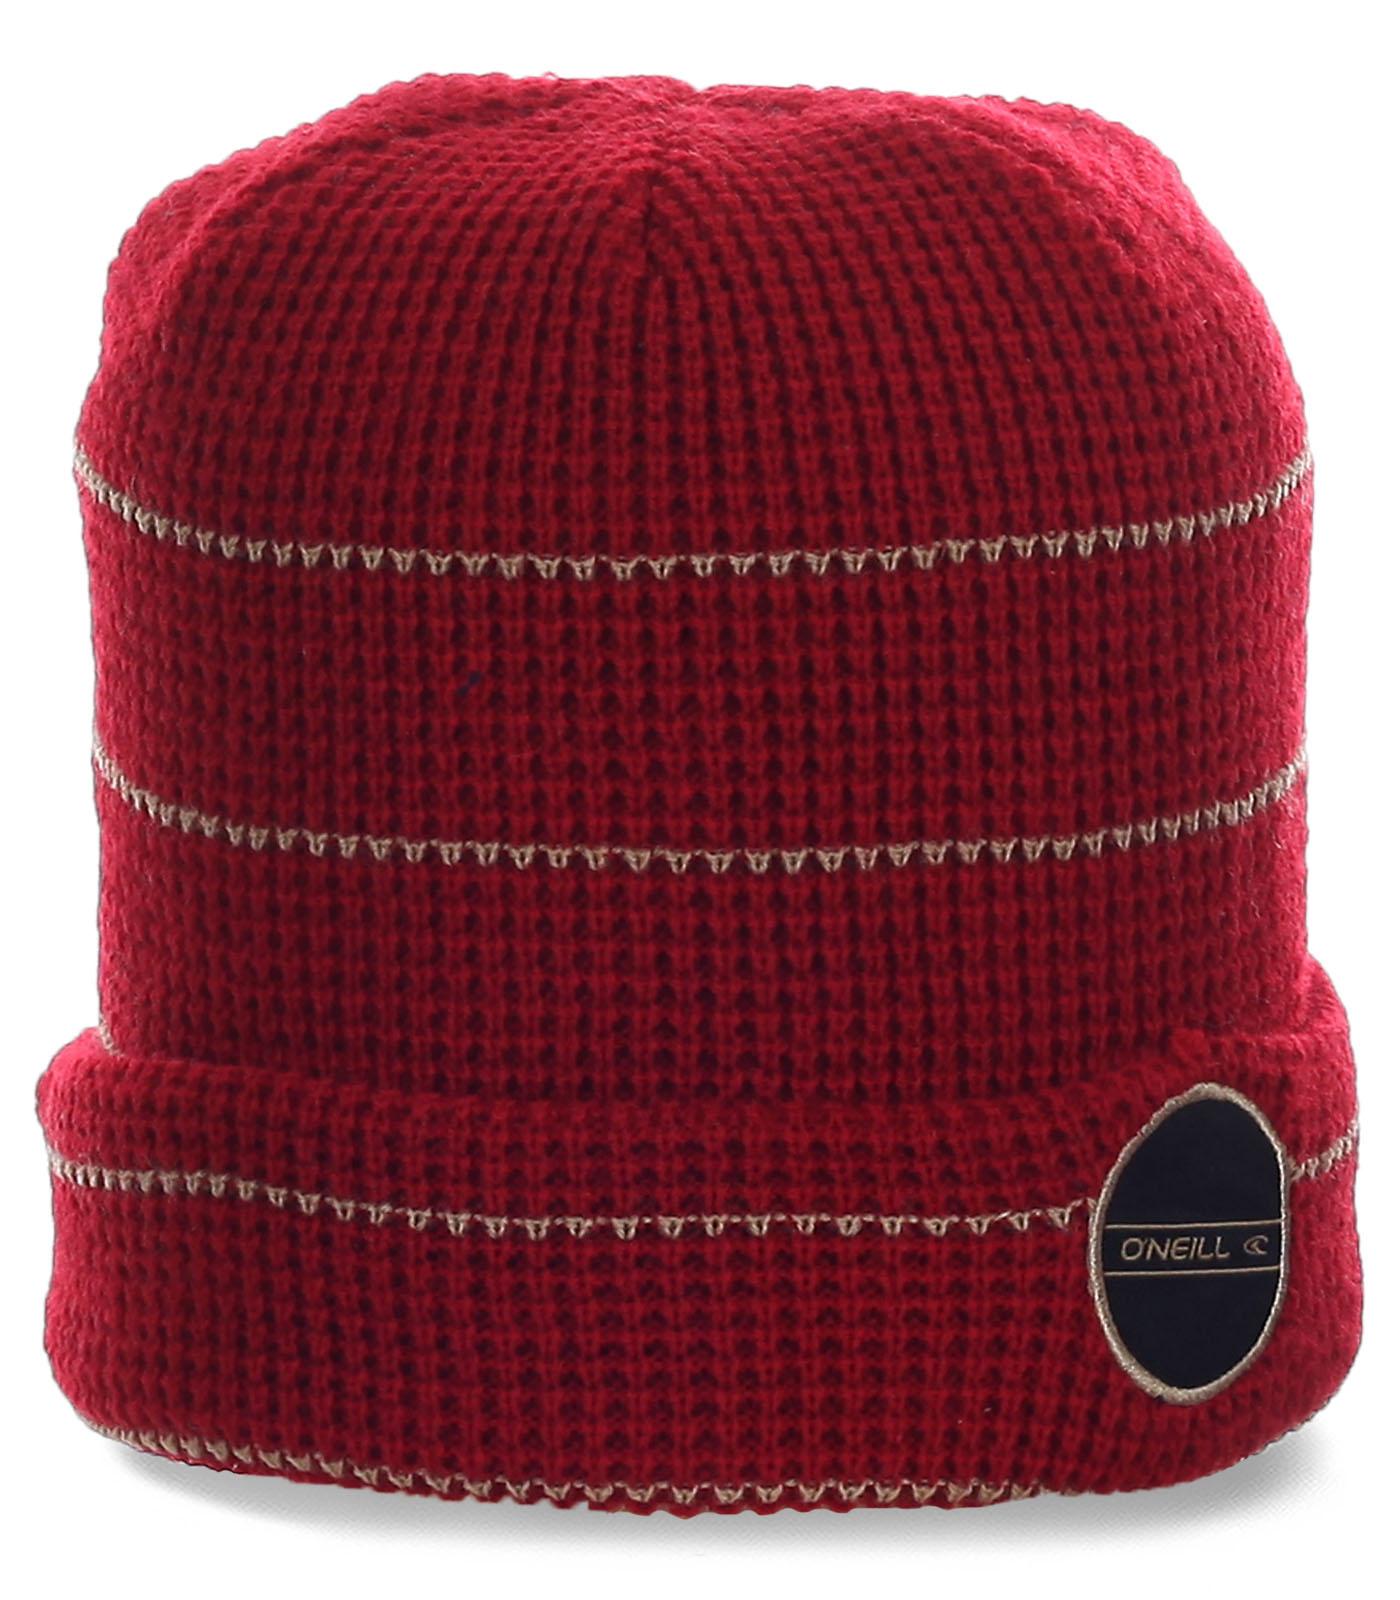 Неповторимая мужская шапка с отворотом бренда Oneill для тех, кто в спорте